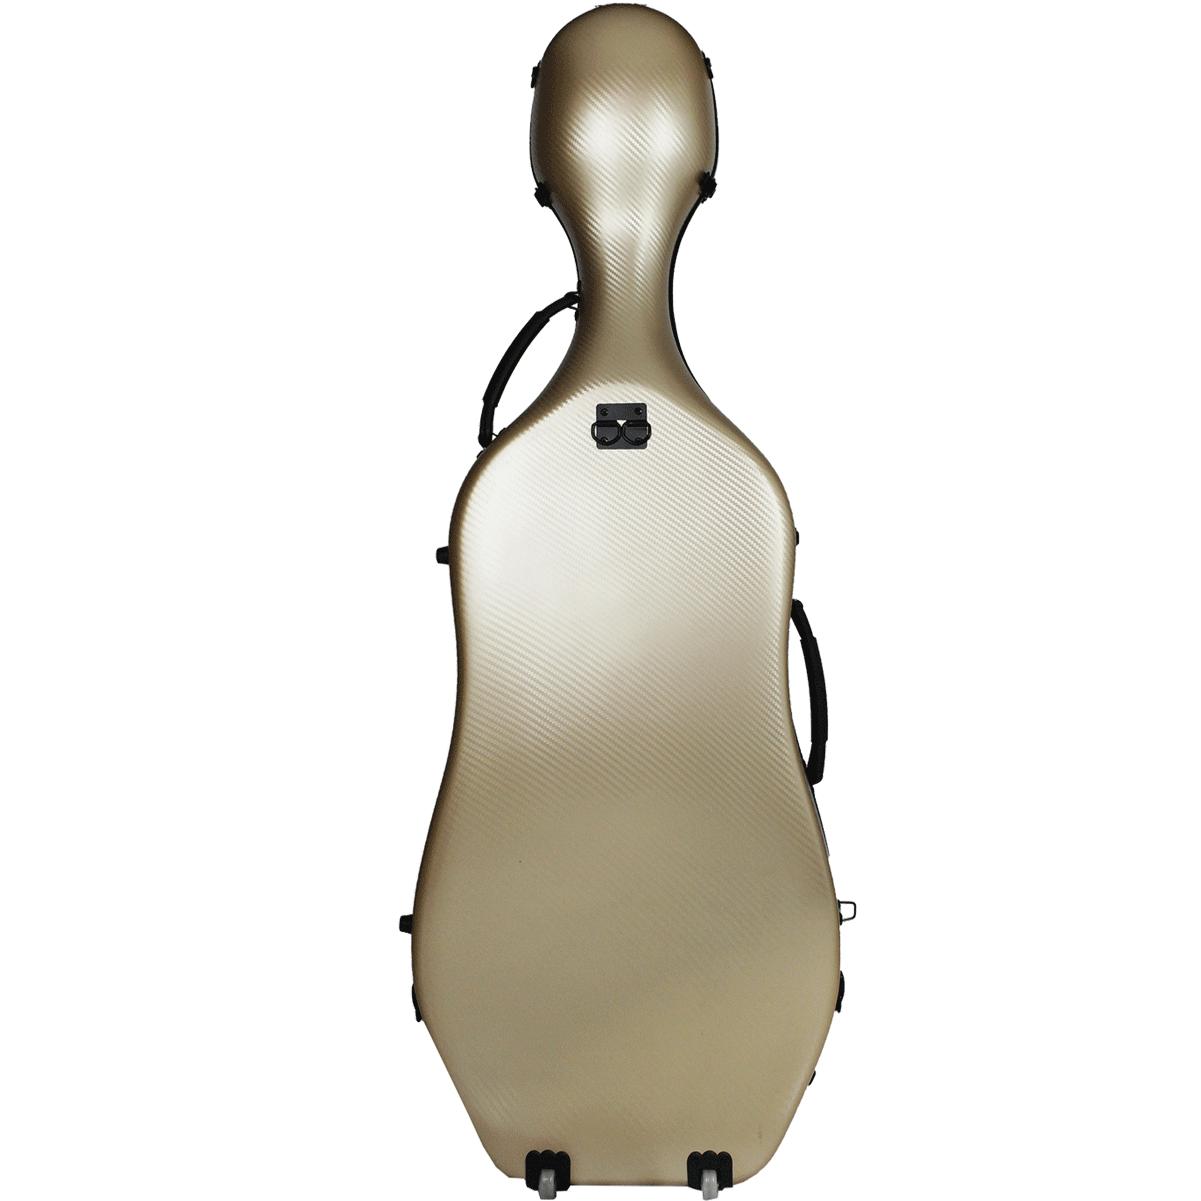 Estojo Case Fibra de vidro Cello Violoncelo 4/4 Orquezz Luxo Dourado carbono